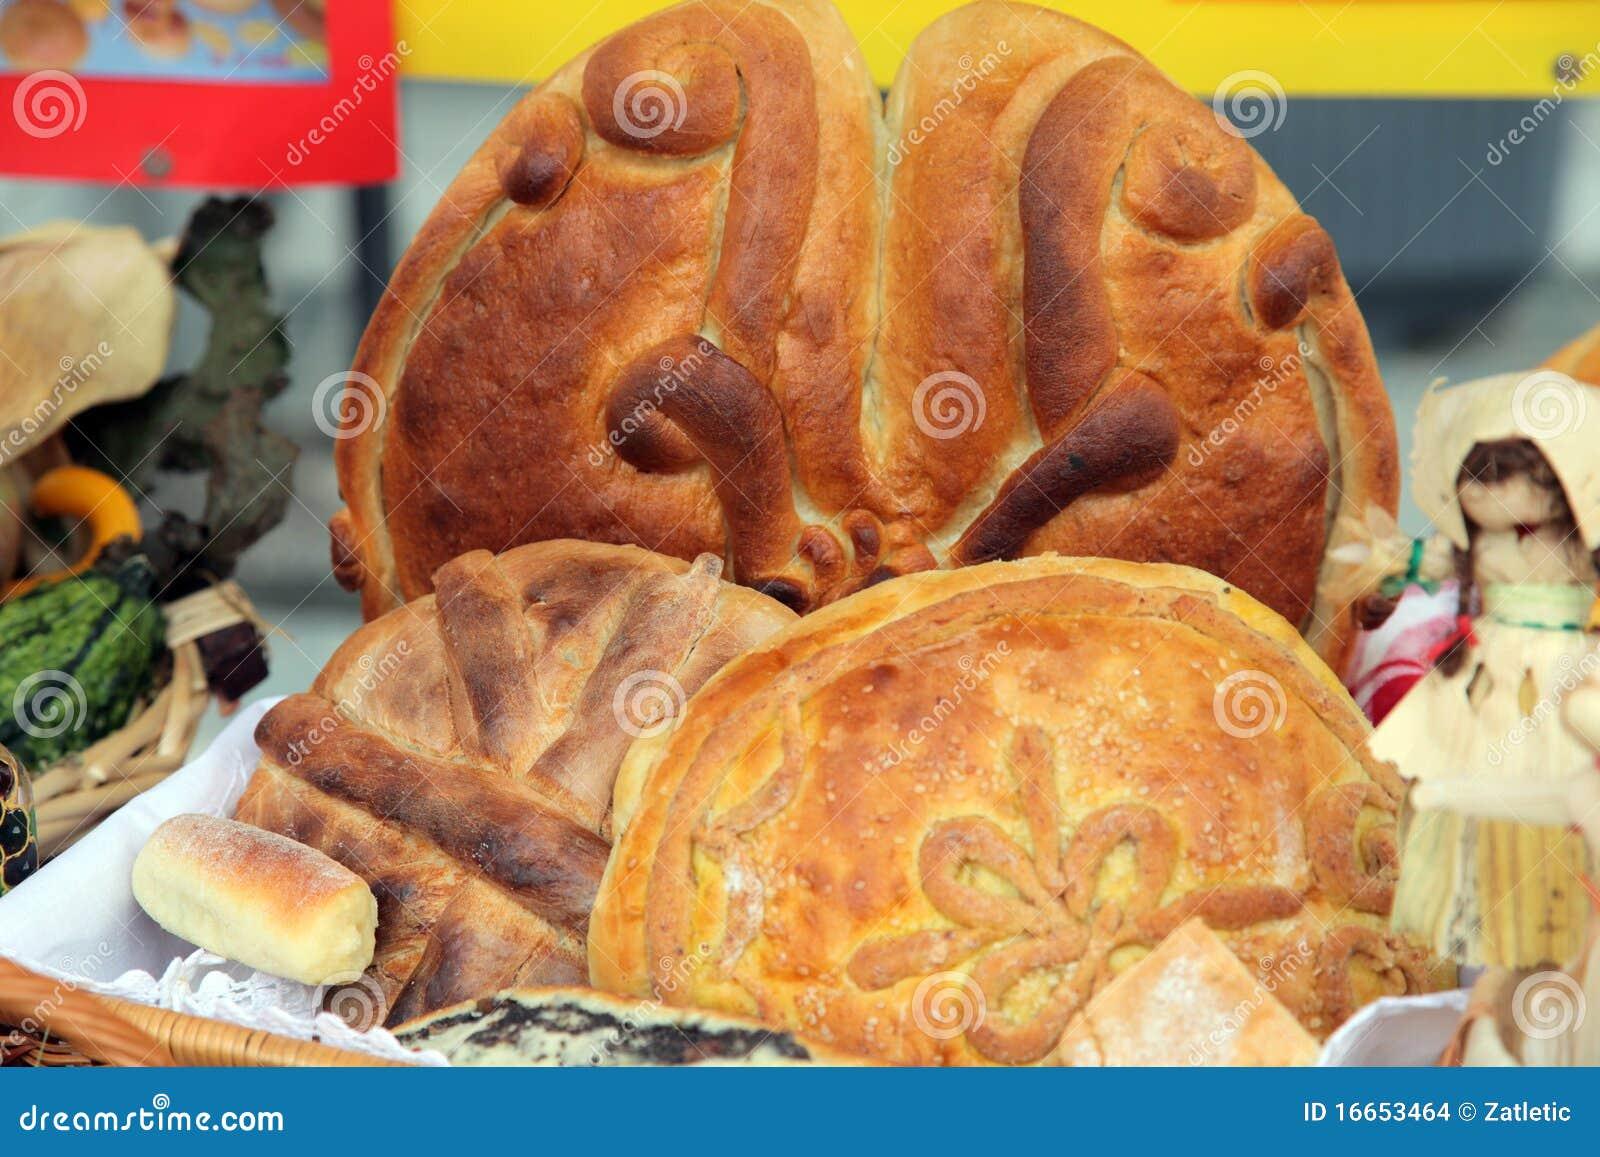 Delicious homemade christmas bread stock images image 16653464 - Make delicious sweet bread christmas ...